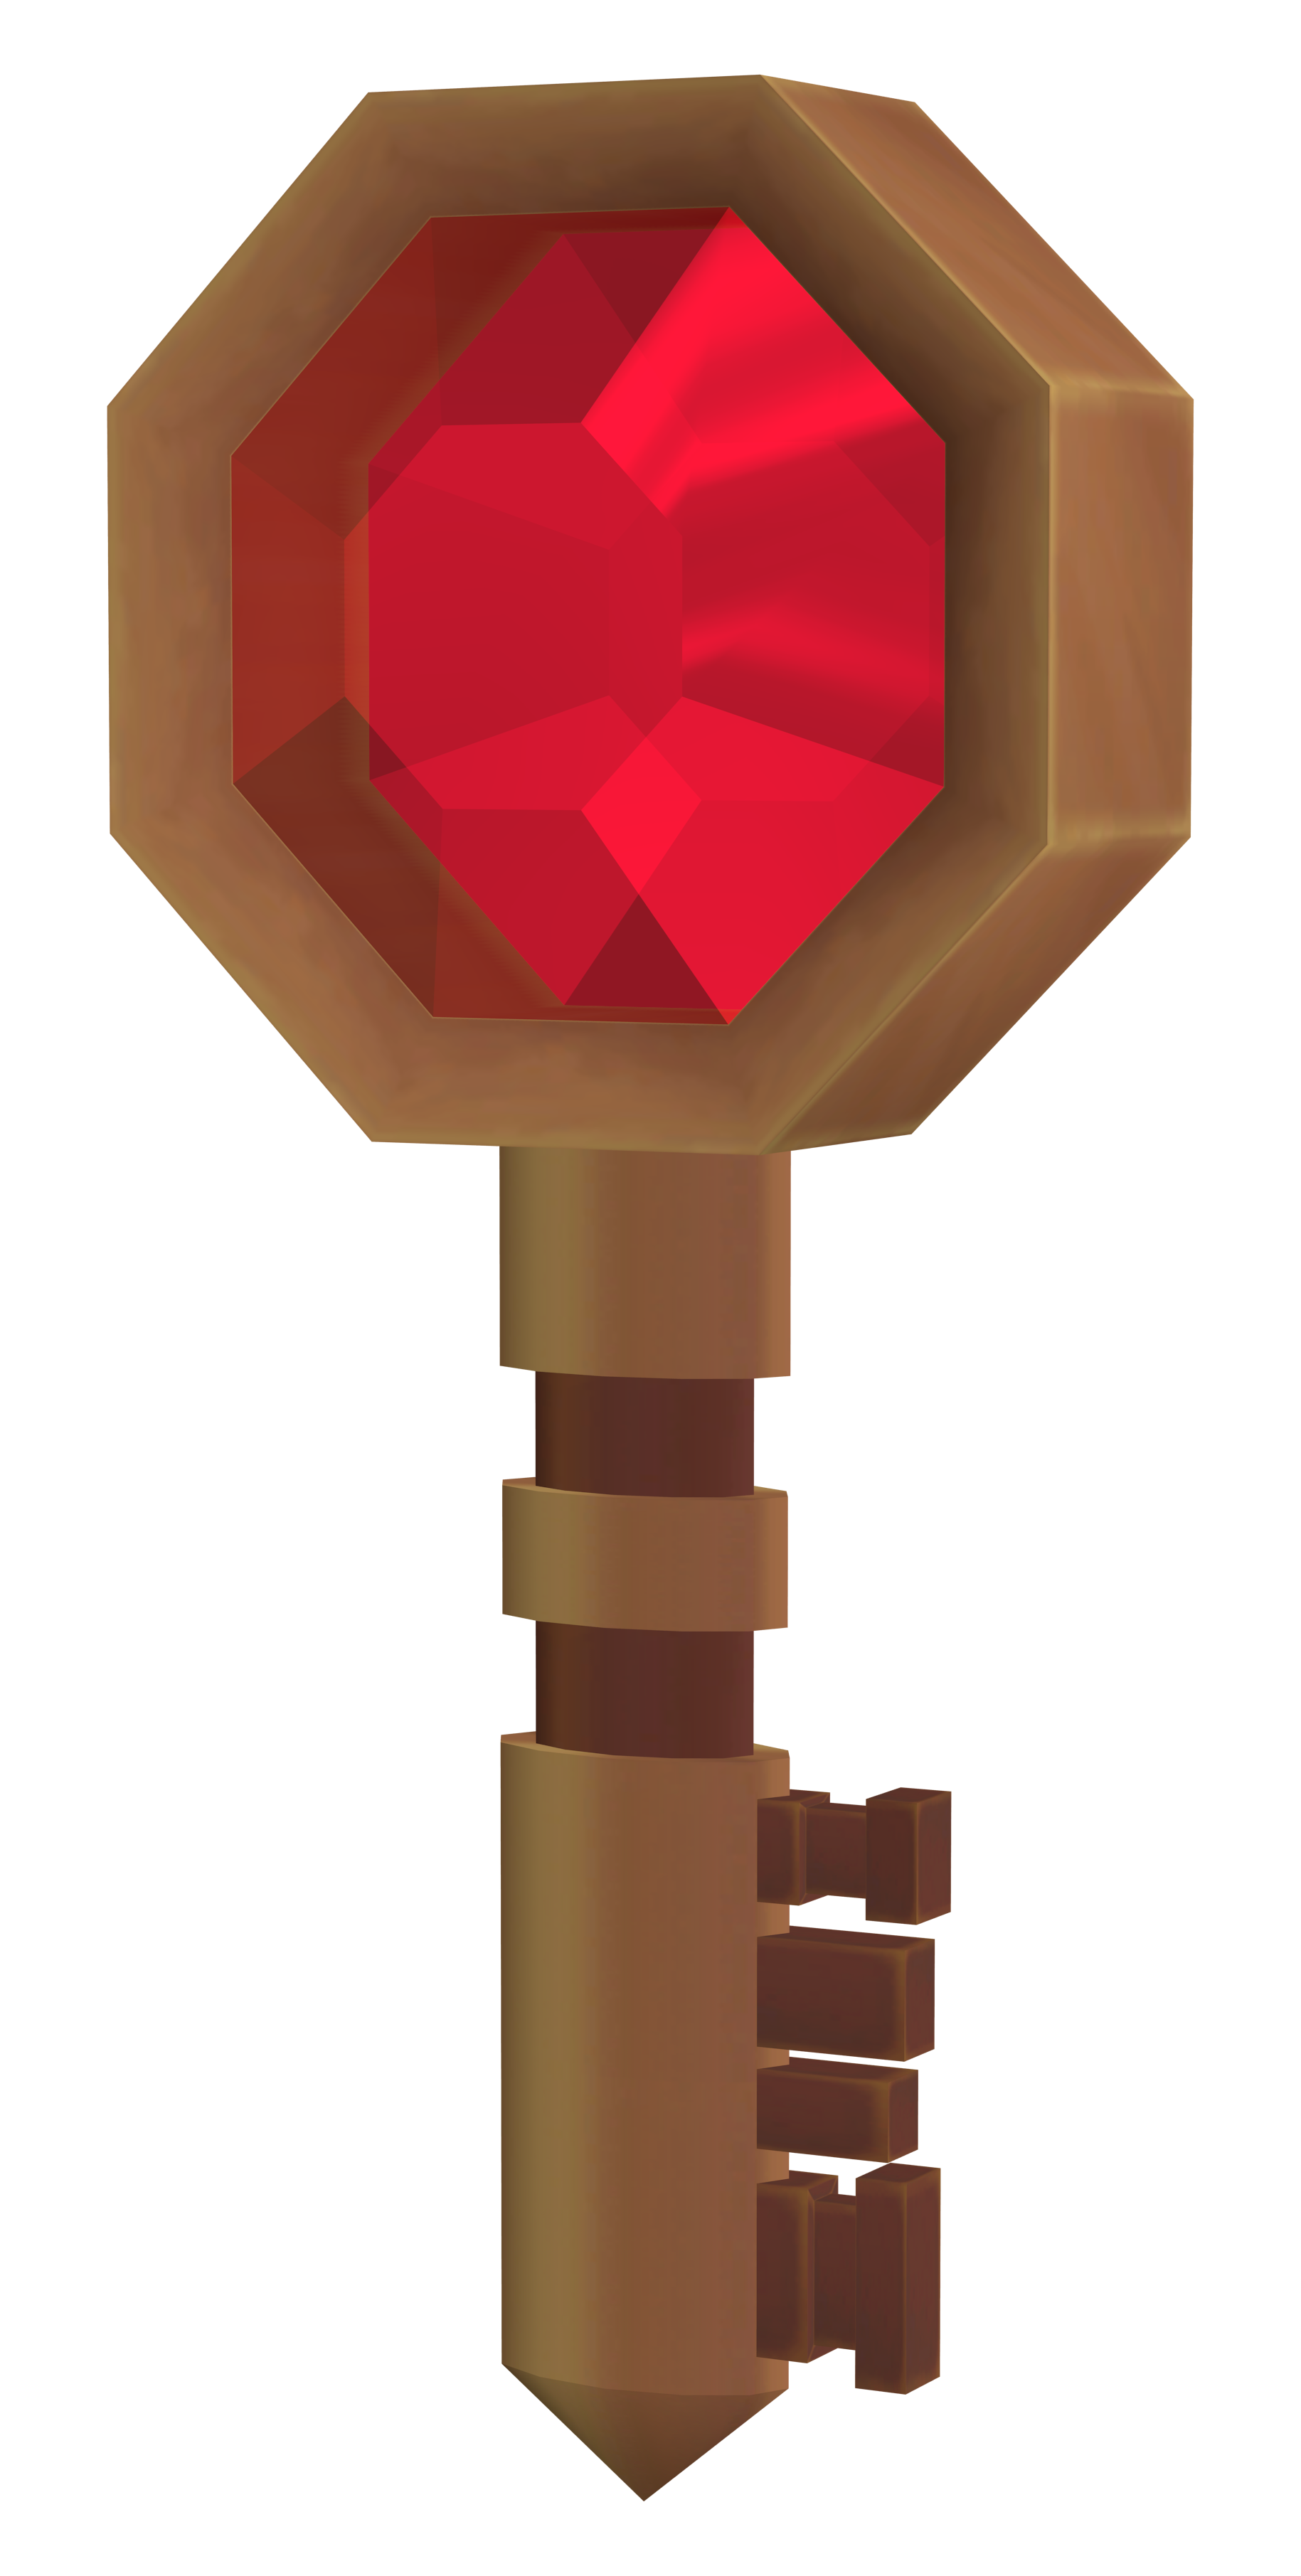 Ruby key